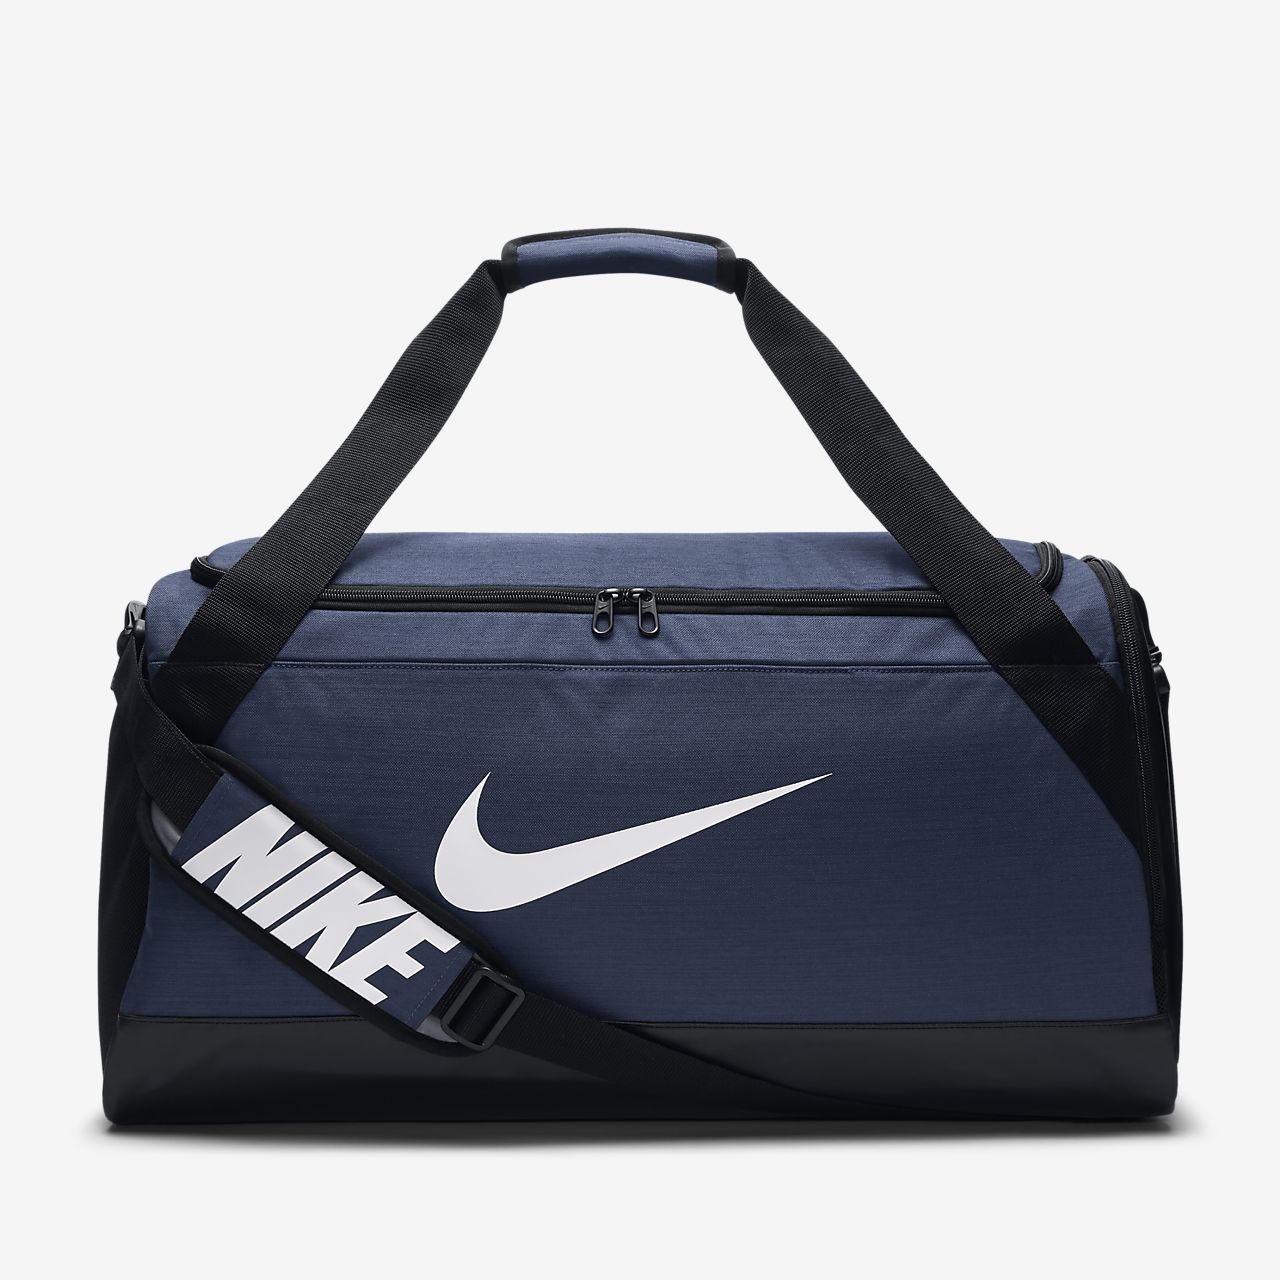 Brasilia Nike Entrenamientomediana Bolsa Deporte De qMSpUVz